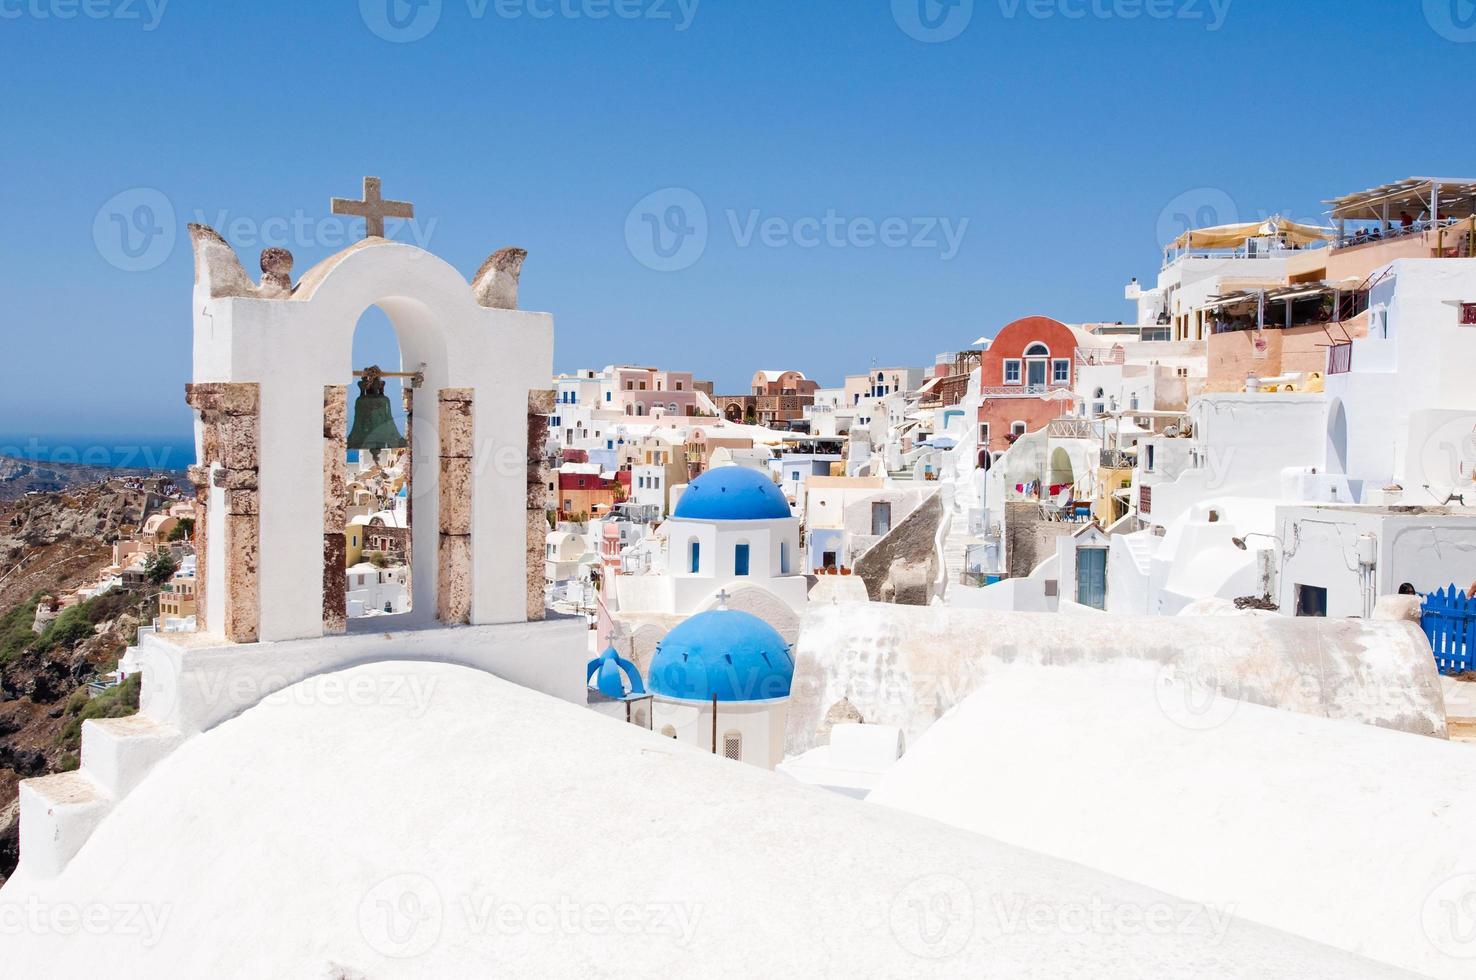 Oia Dorf mit typischen Häusern auf Santorini, Griechenland. foto